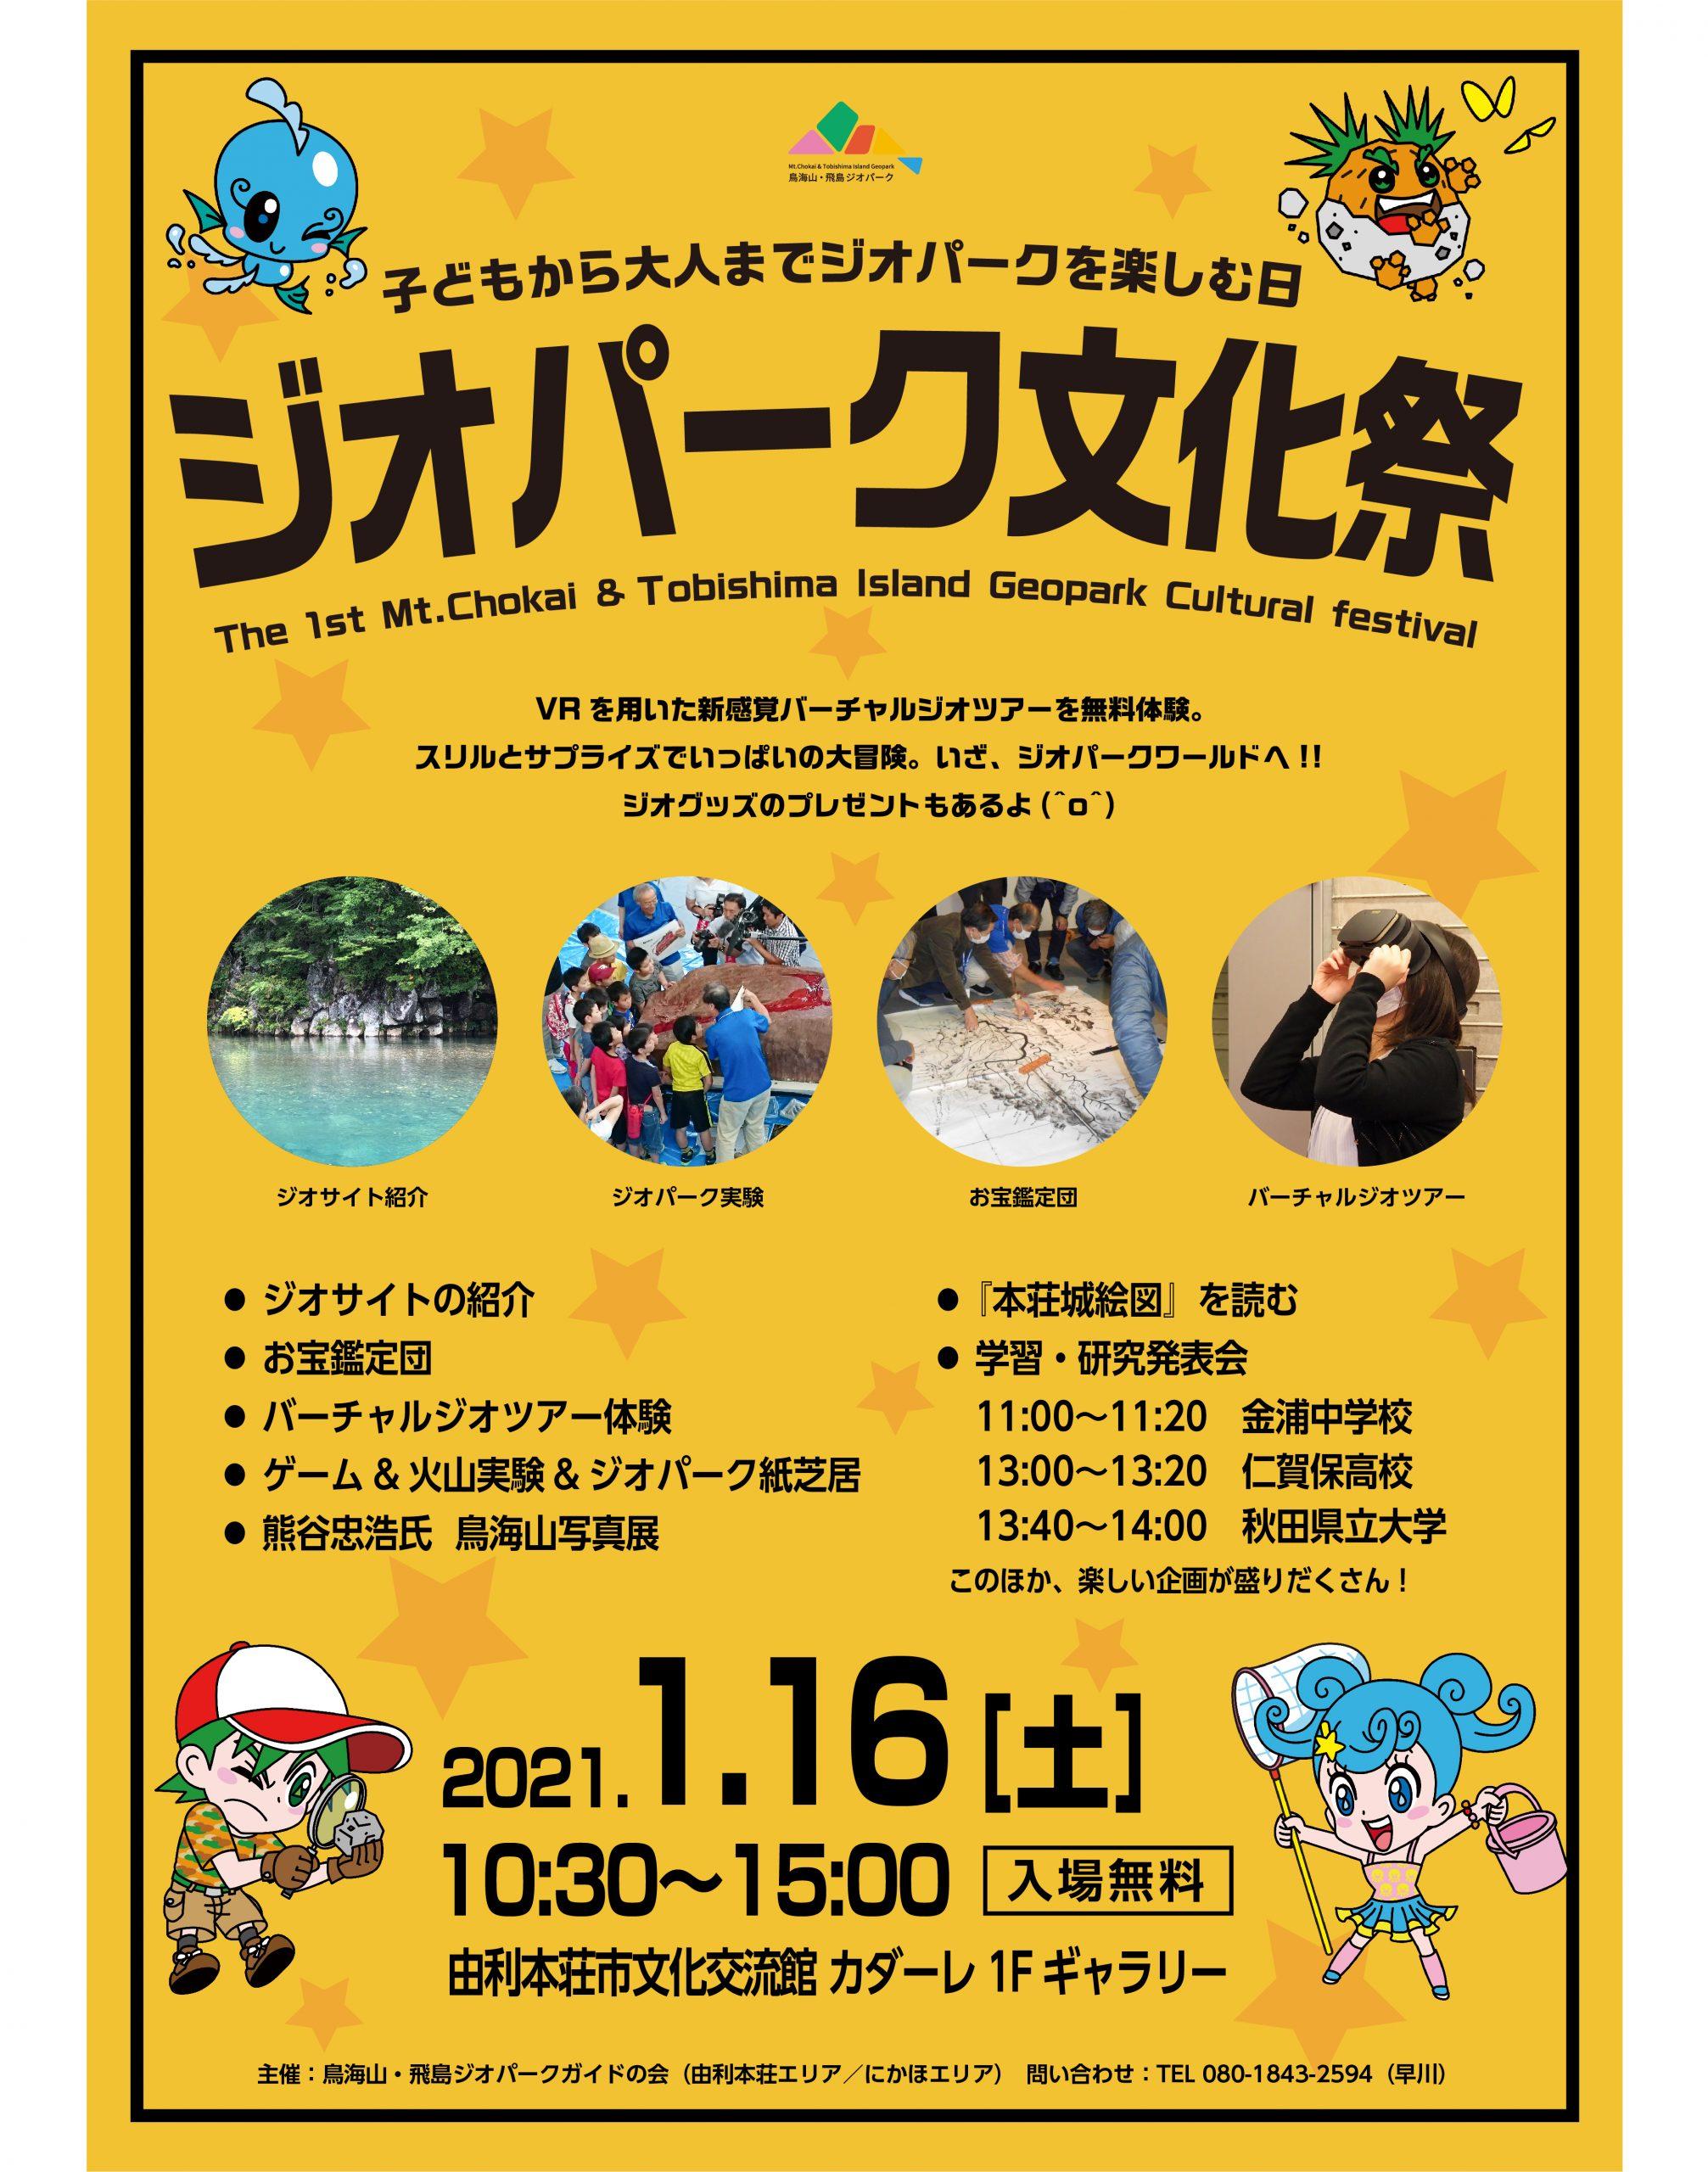 ジオパーク文化祭